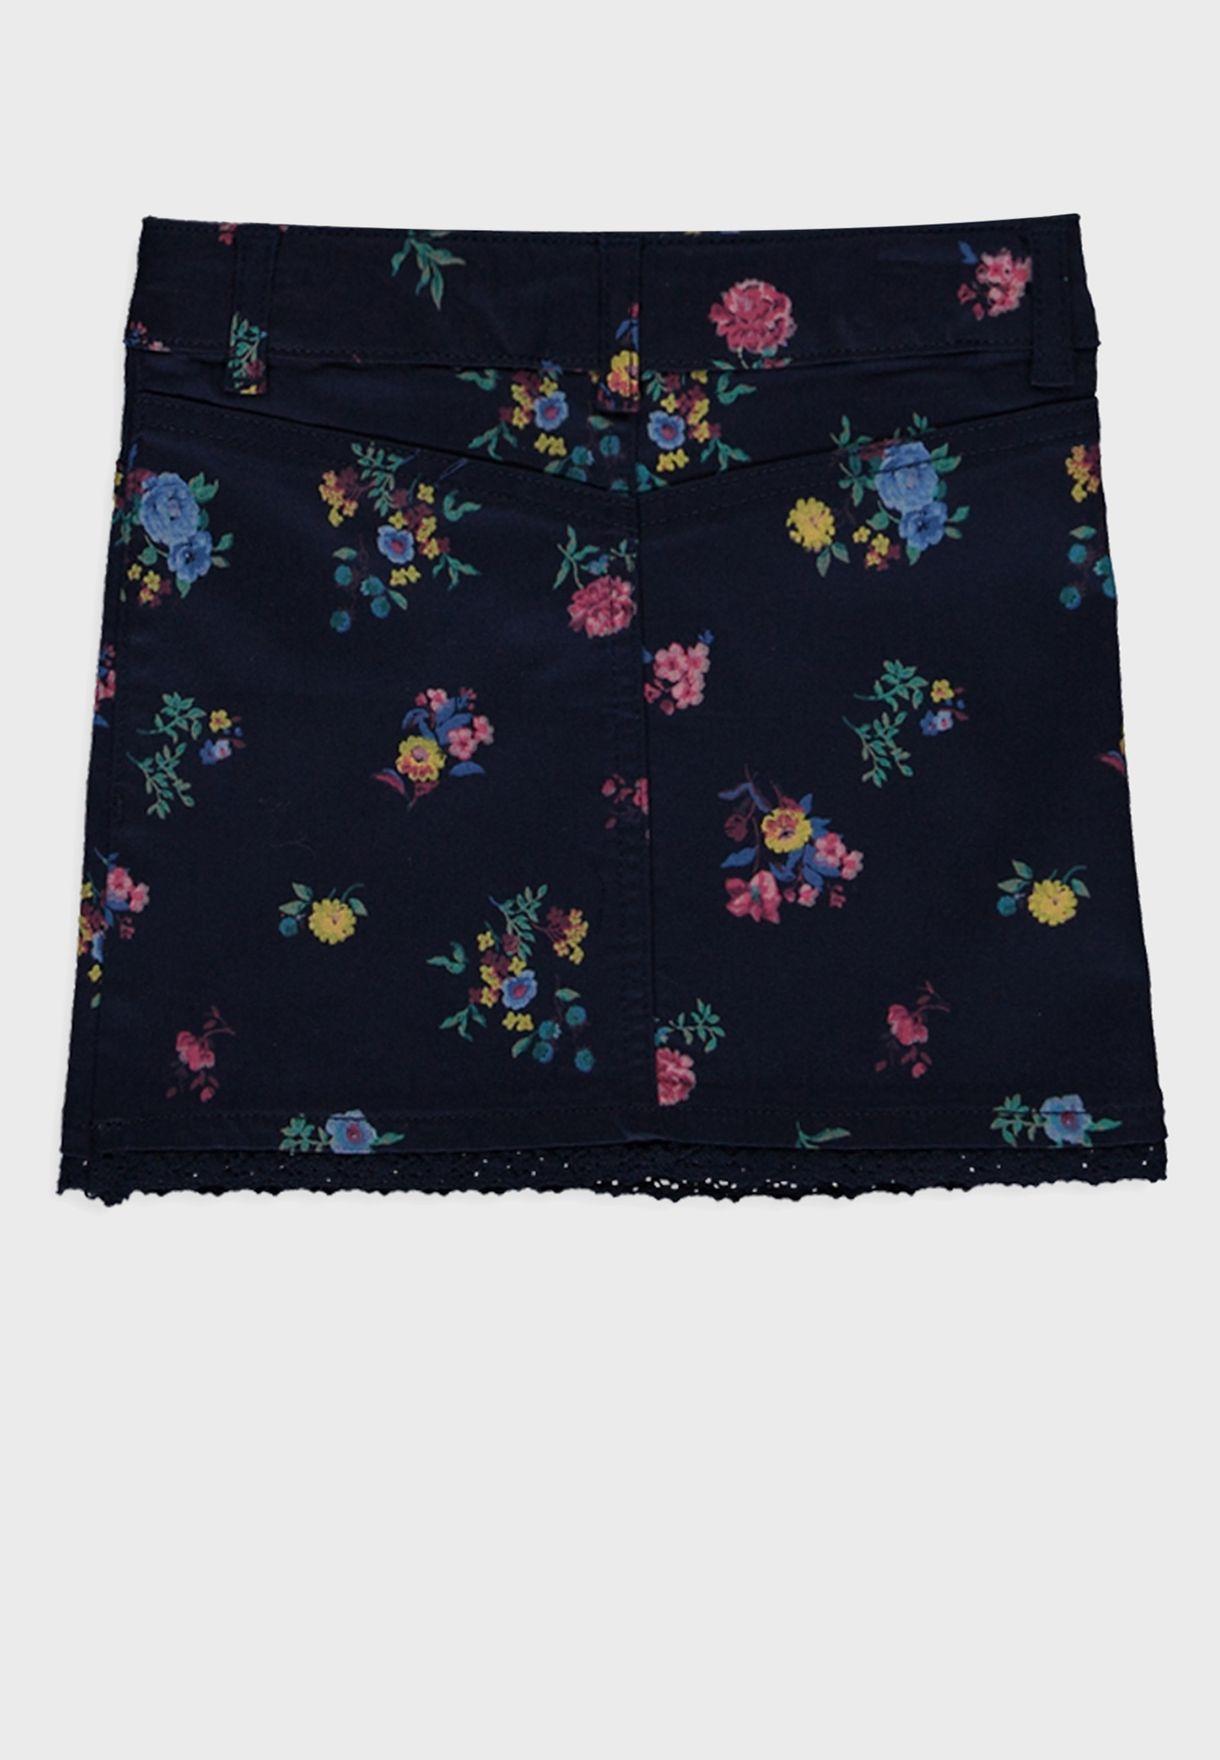 تنورة اطفال دانتيل بطبعات ازهار